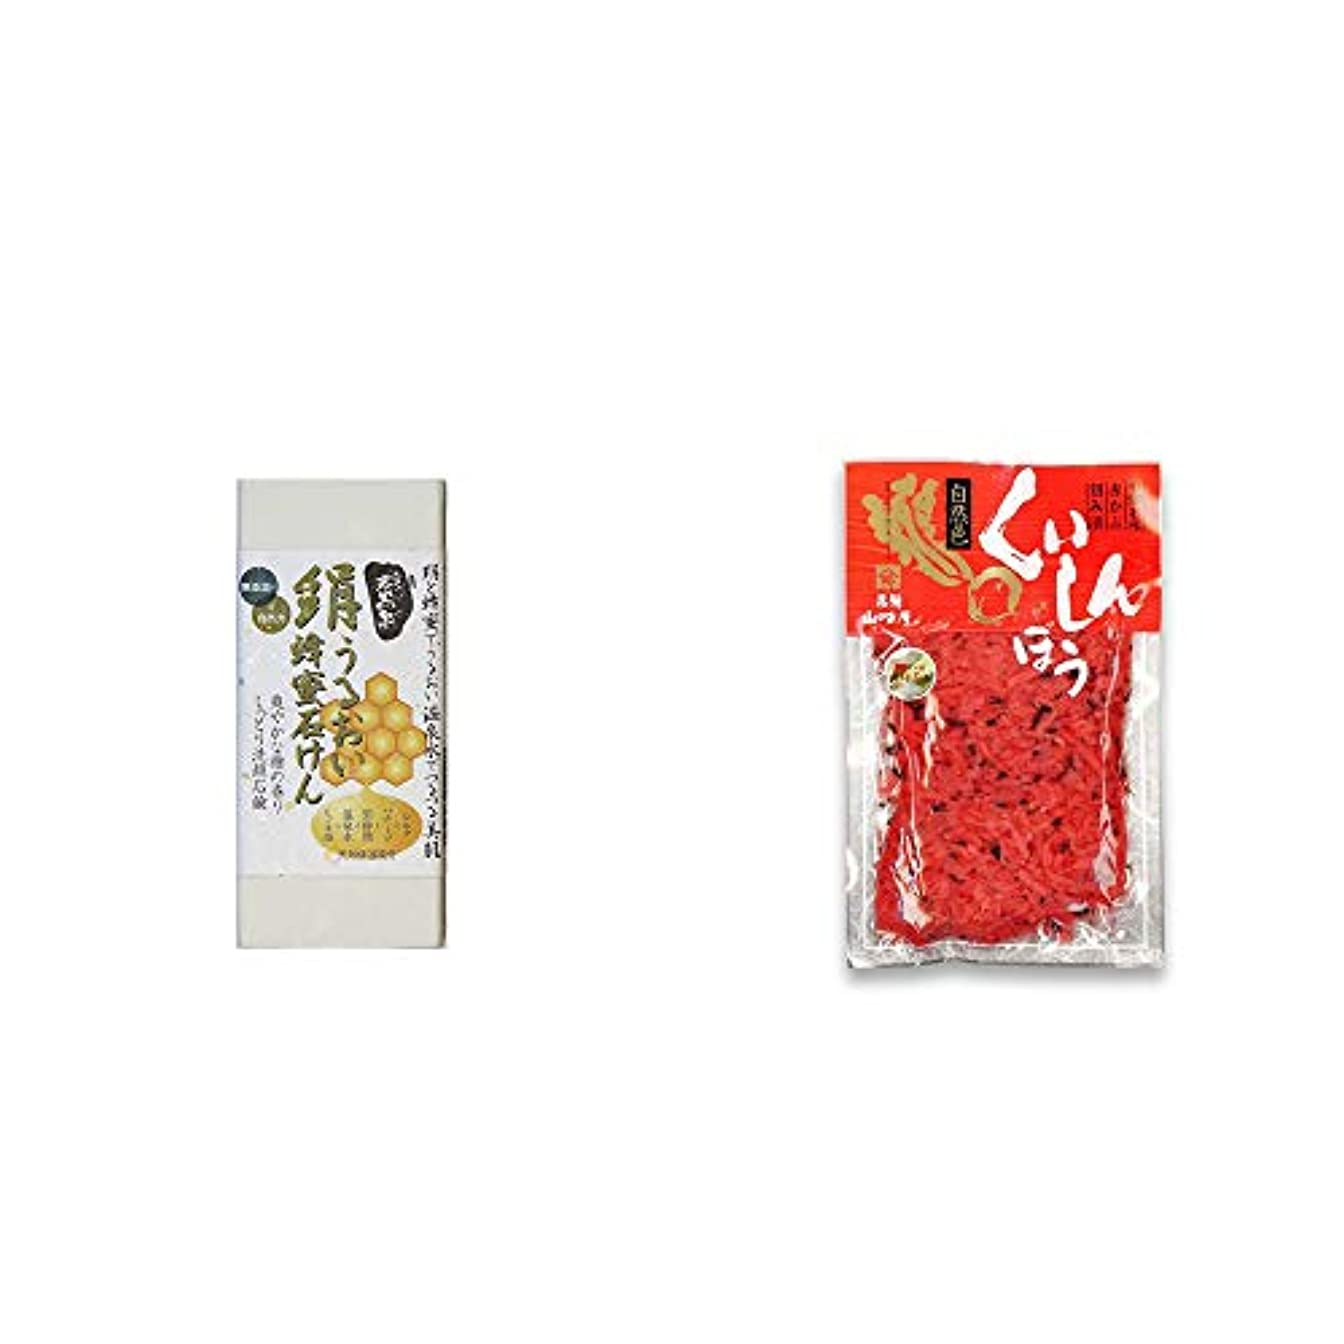 引き潮恋人撃退する[2点セット] ひのき炭黒泉 絹うるおい蜂蜜石けん(75g×2)?飛騨山味屋 くいしんぼう【小】 (160g)